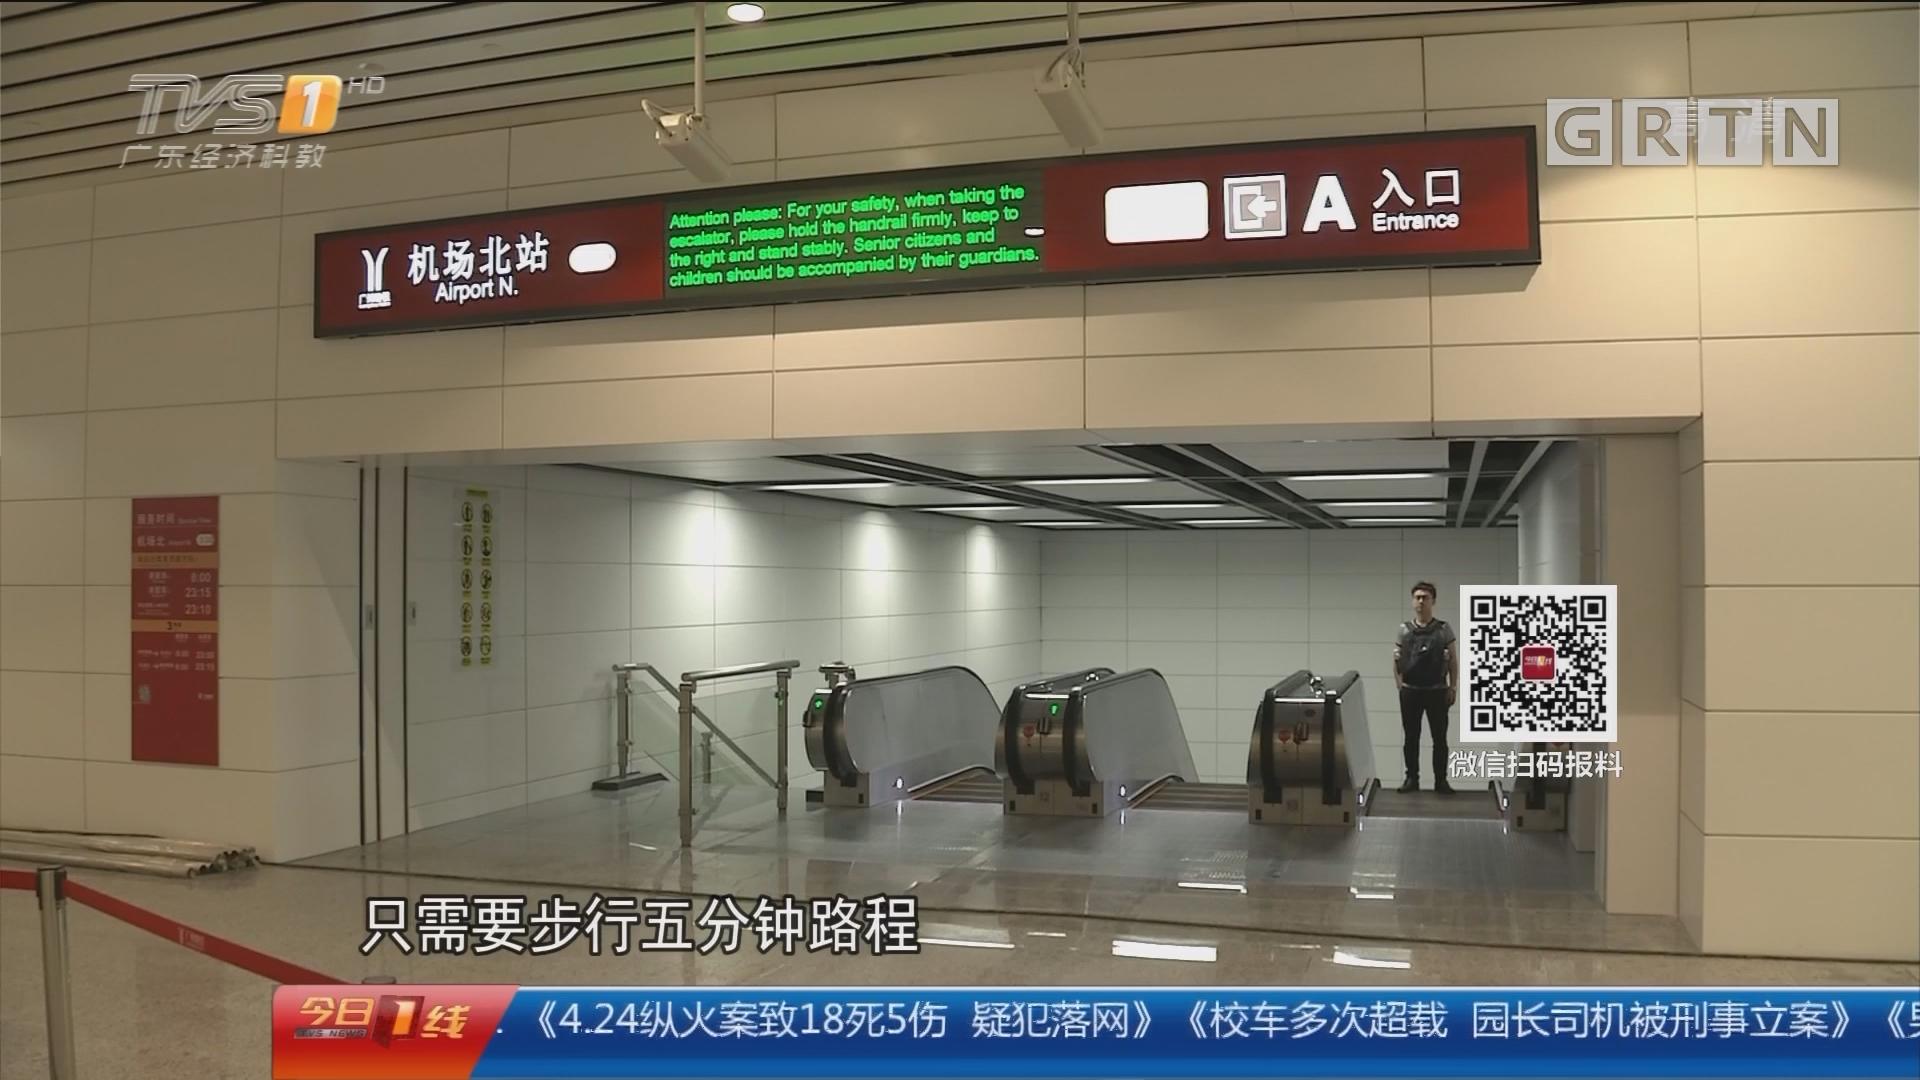 广州白云机场:T2航站楼后天启用 四家航空公司首批进驻